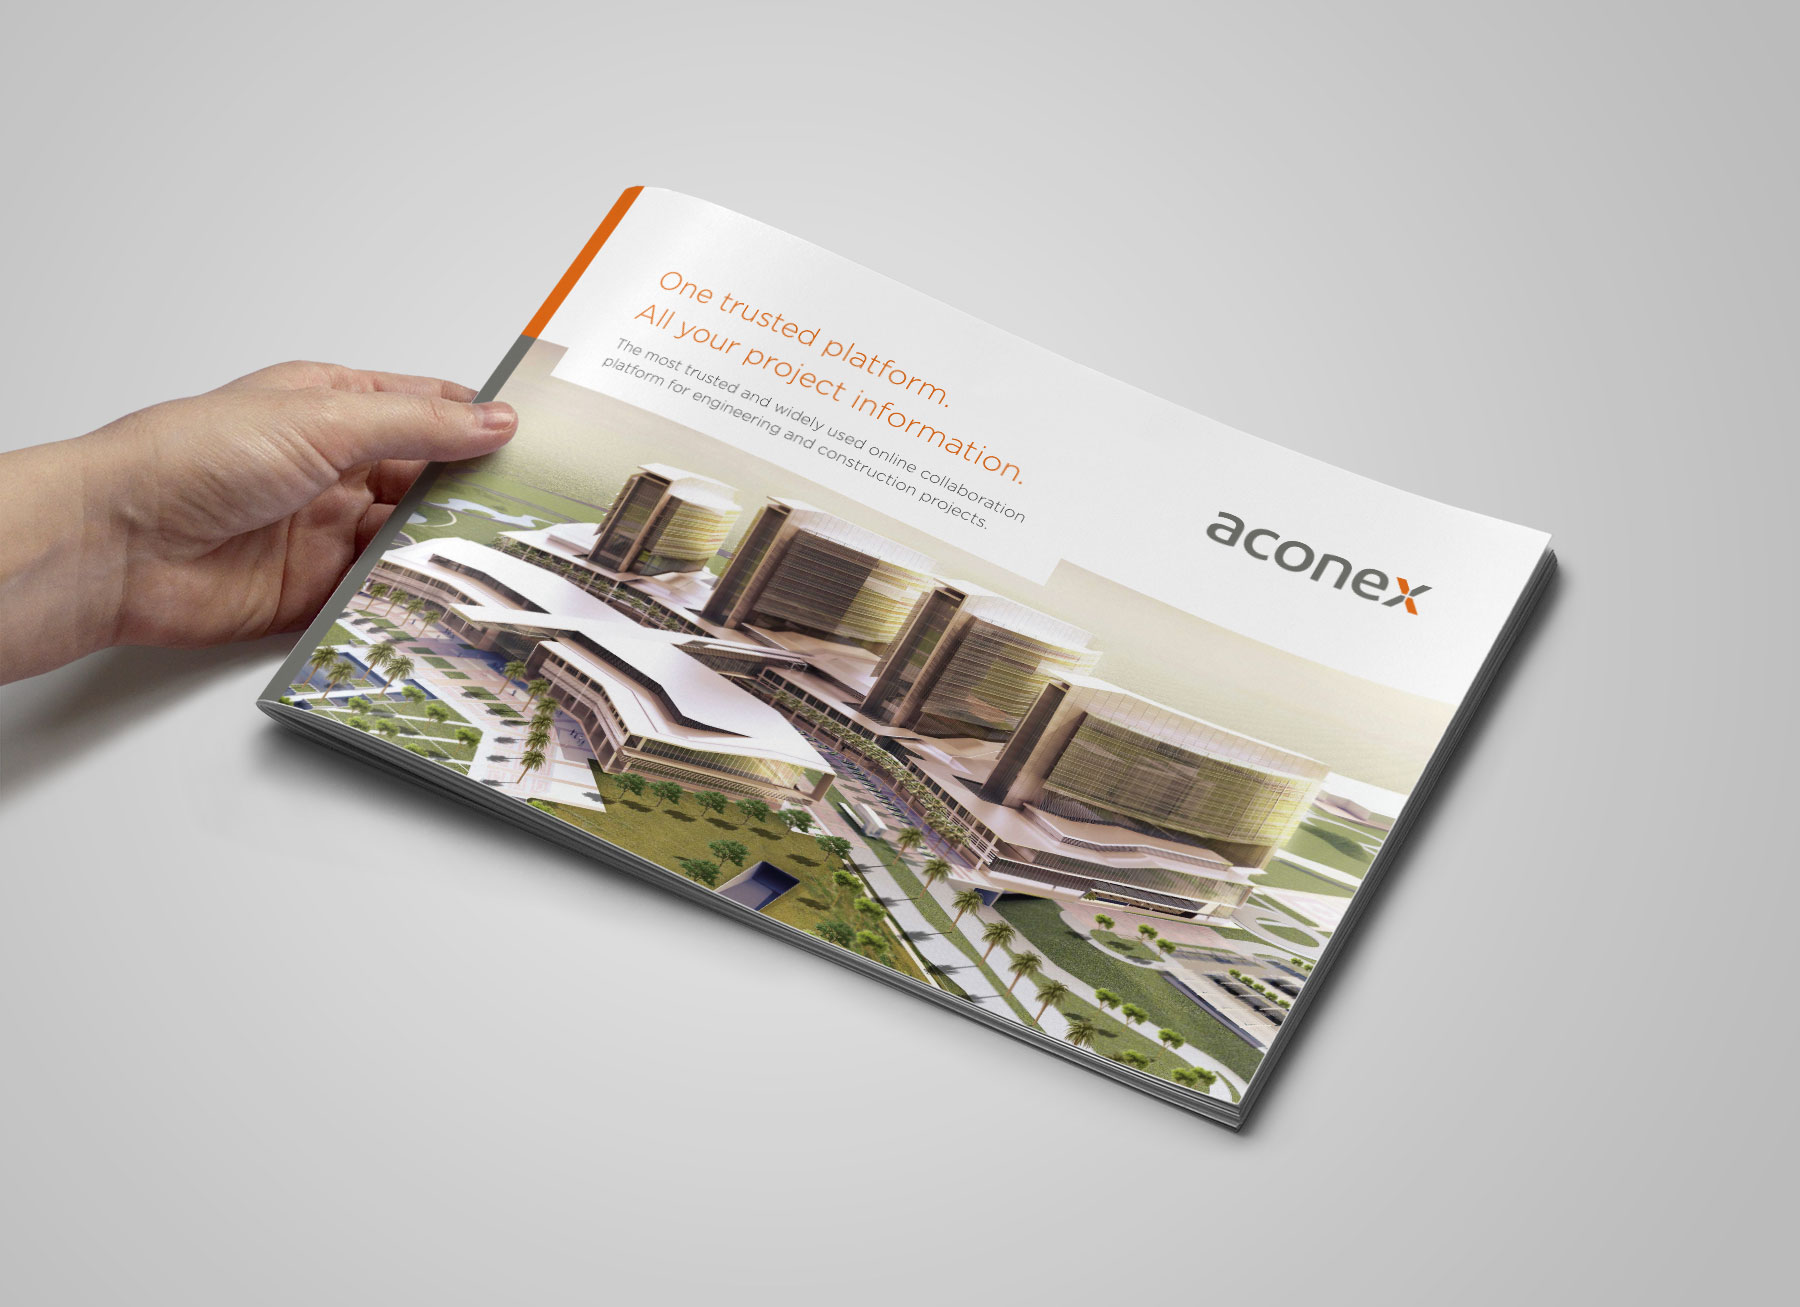 aconex-b2b-branding-reno.jpg